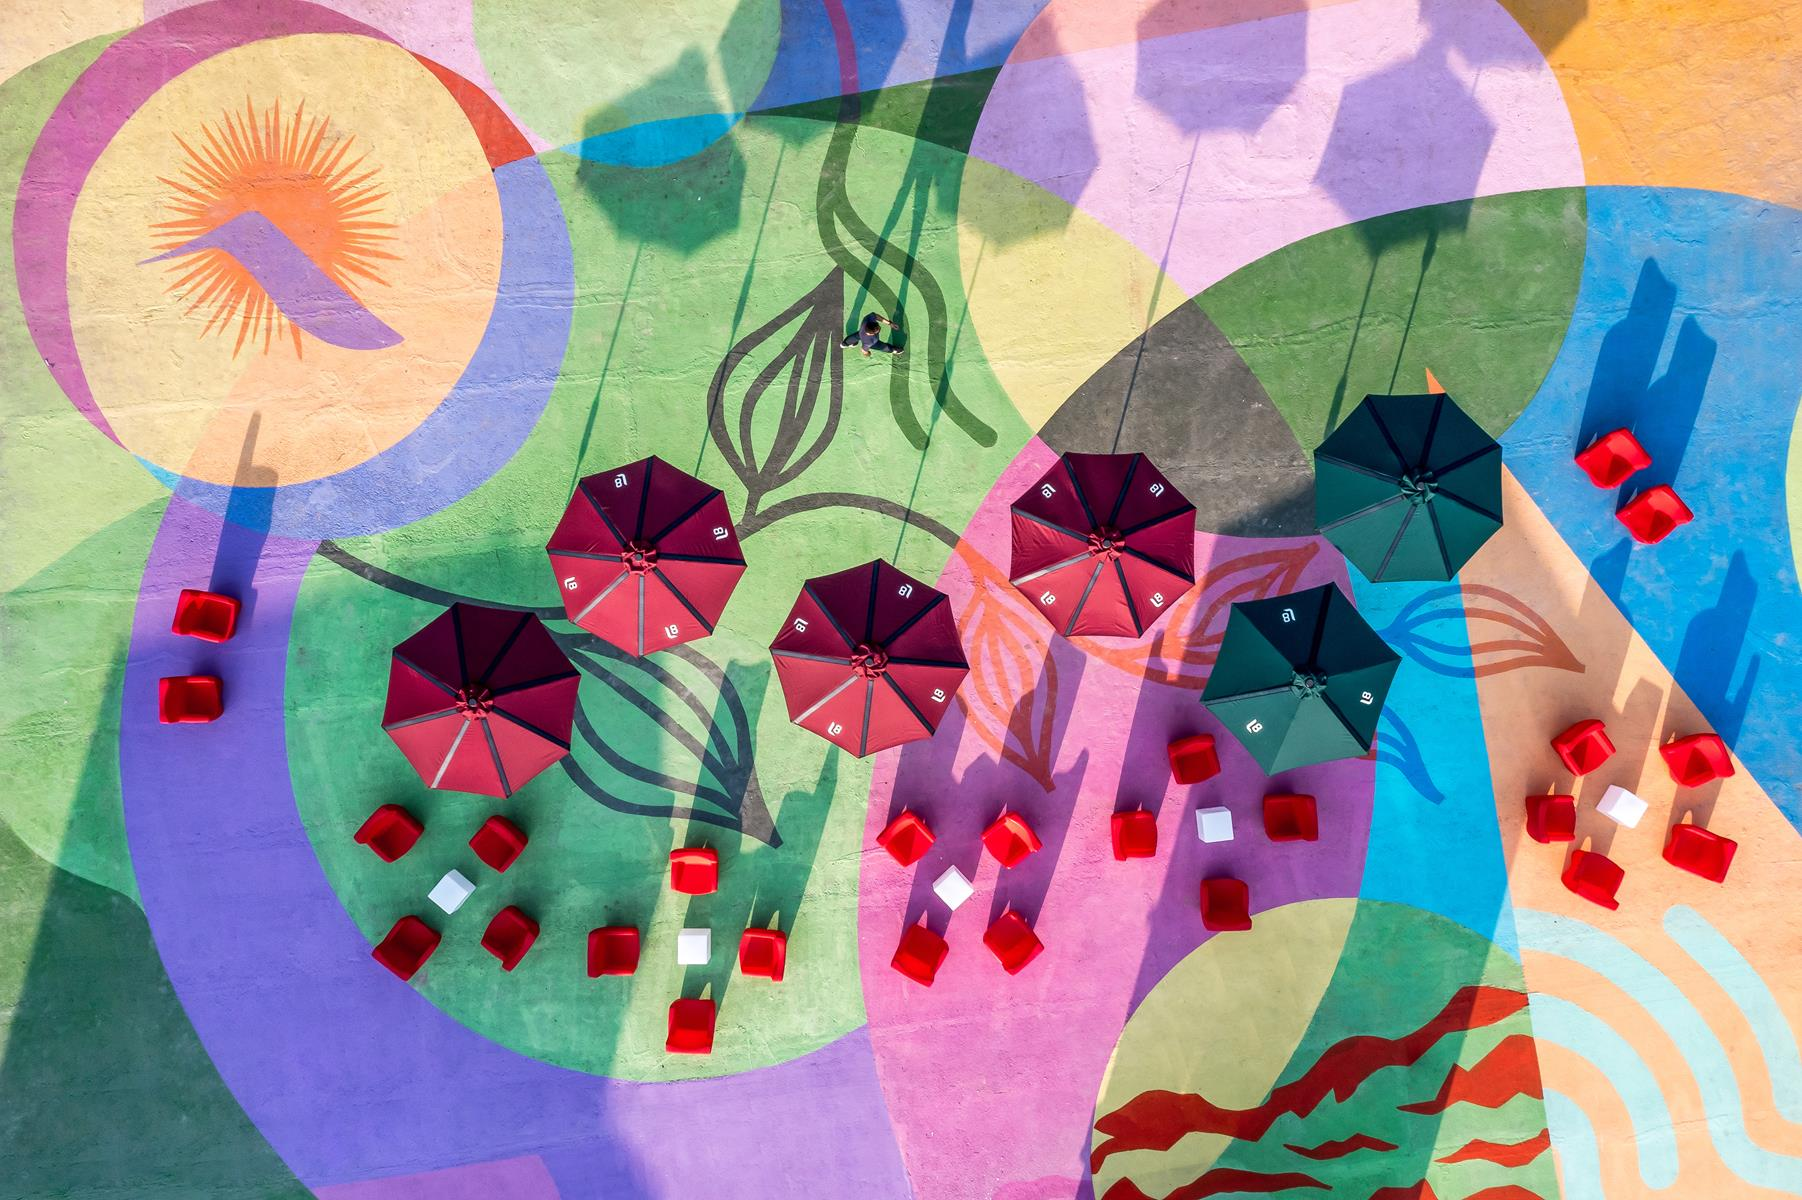 Maior mural do Estado do Paraná está exposto na 27ª edição da CASACOR, em ambiente aberto ao público